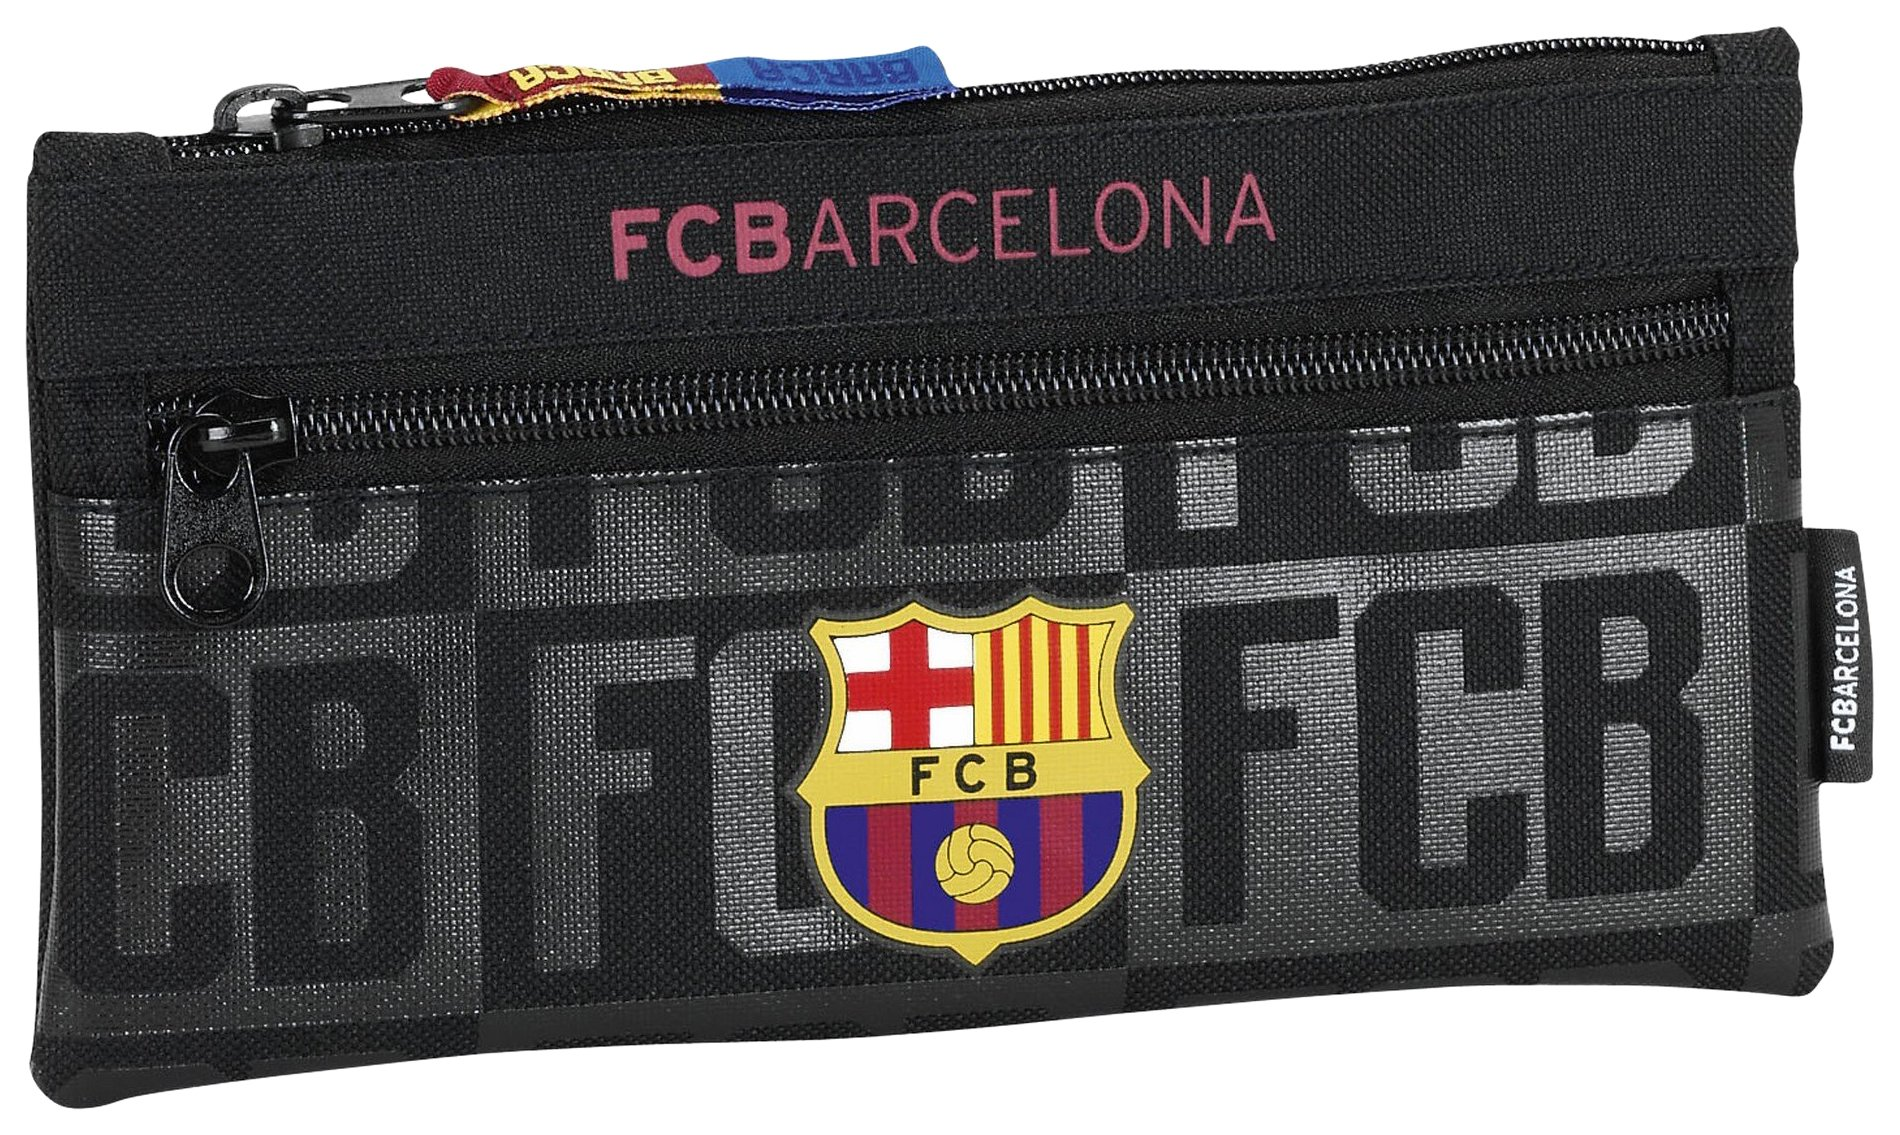 Safta Estuche Doble Cremallera F.C.Barcelona Black Oficial Escolar 230x110mm: Amazon.es: Juguetes y juegos